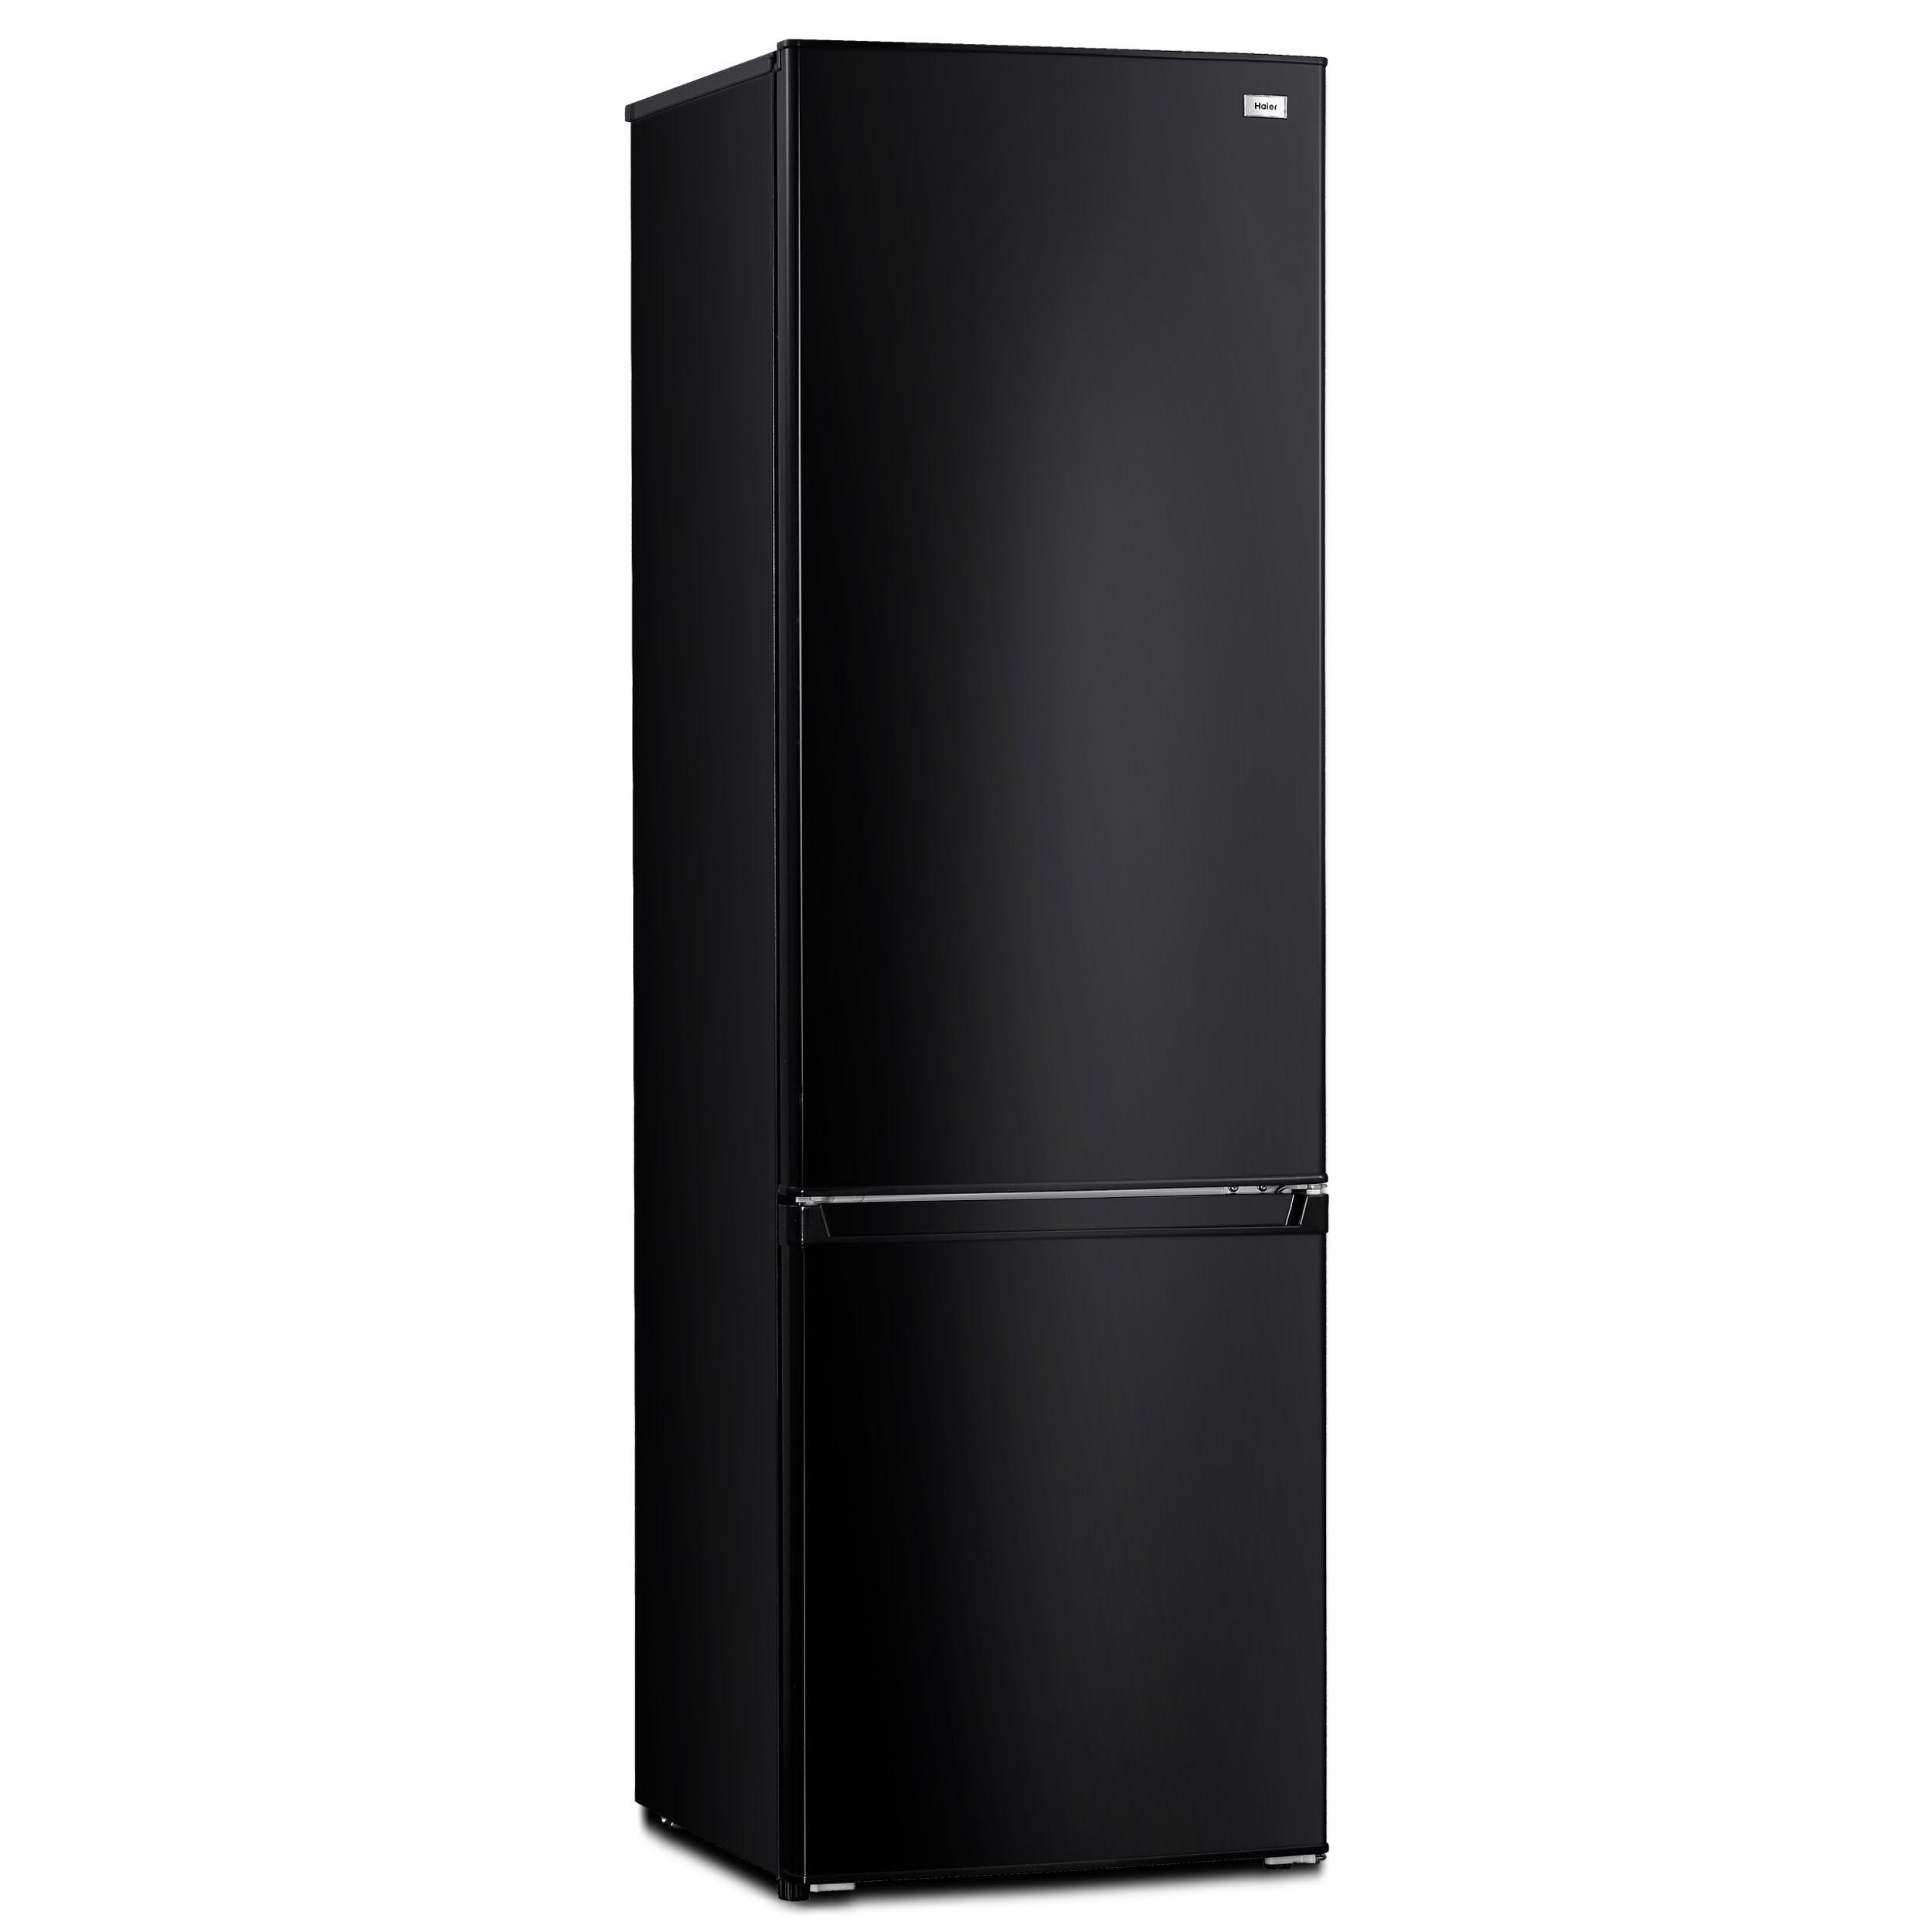 하이얼 스마트 콤비 냉장고 273L 방문설치, HRB285MDB(제트블랙)